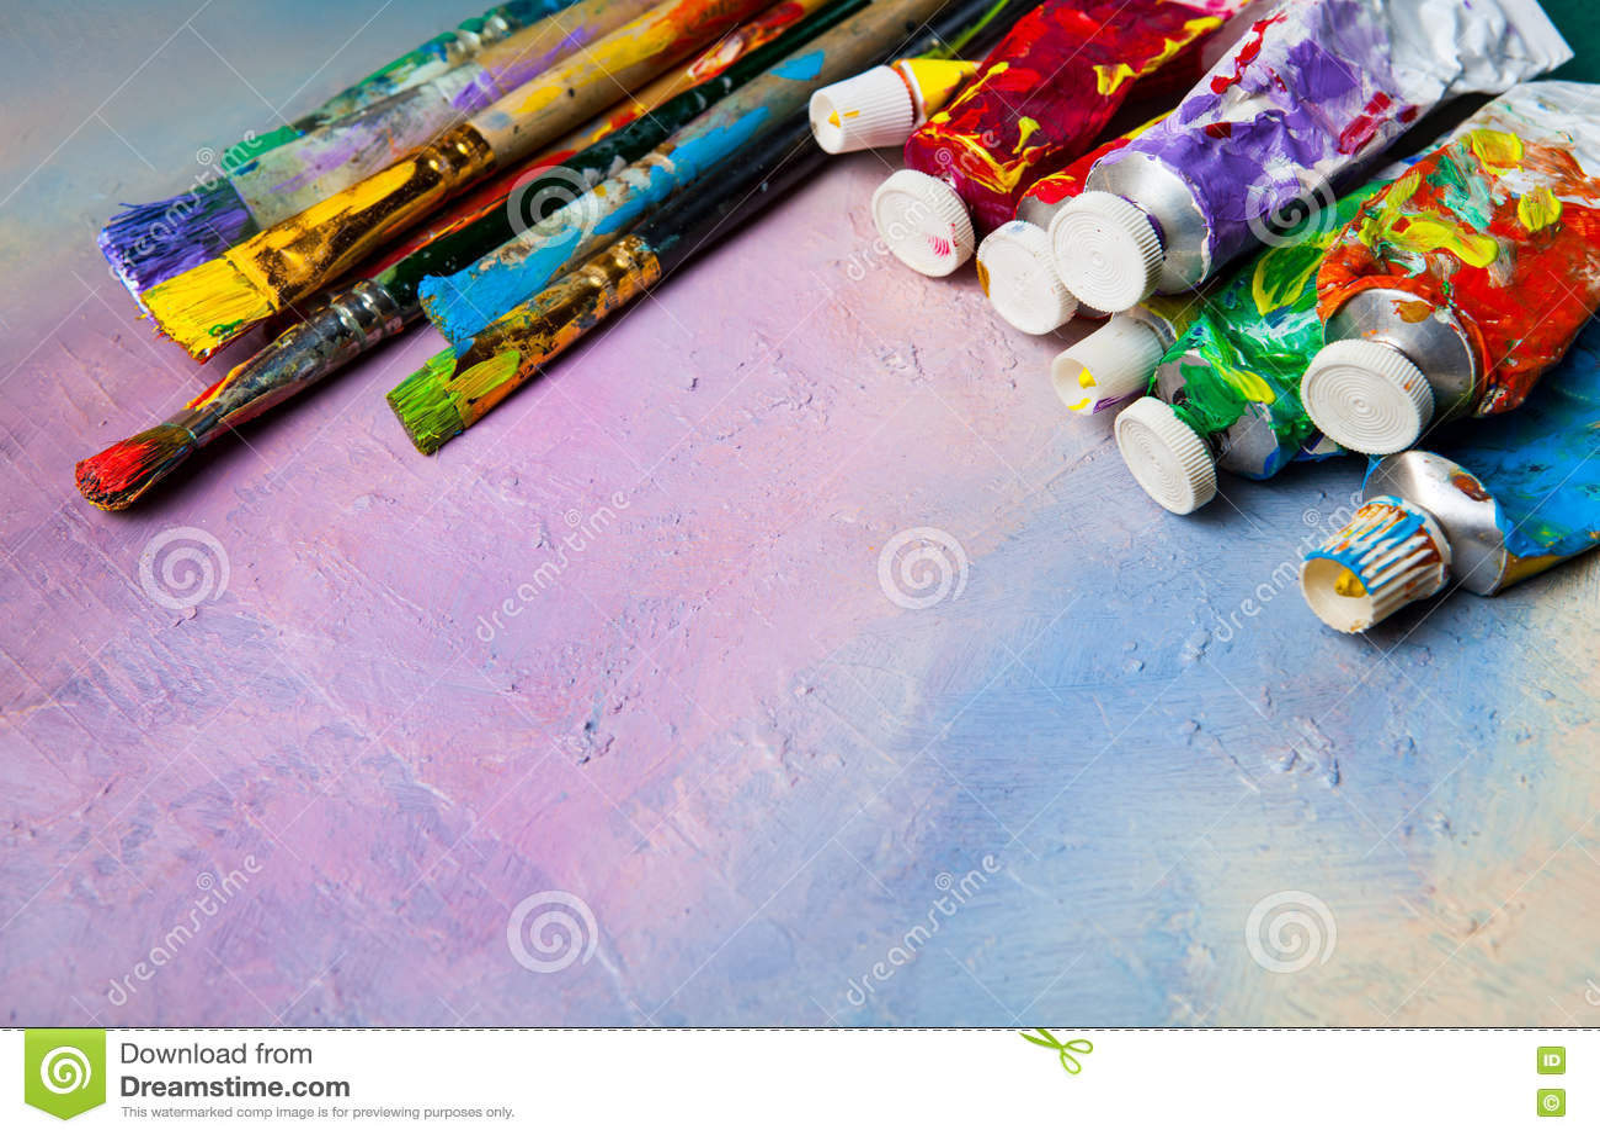 pinceaux et tubes de peinture l 39 huile photo stock image 72645863. Black Bedroom Furniture Sets. Home Design Ideas